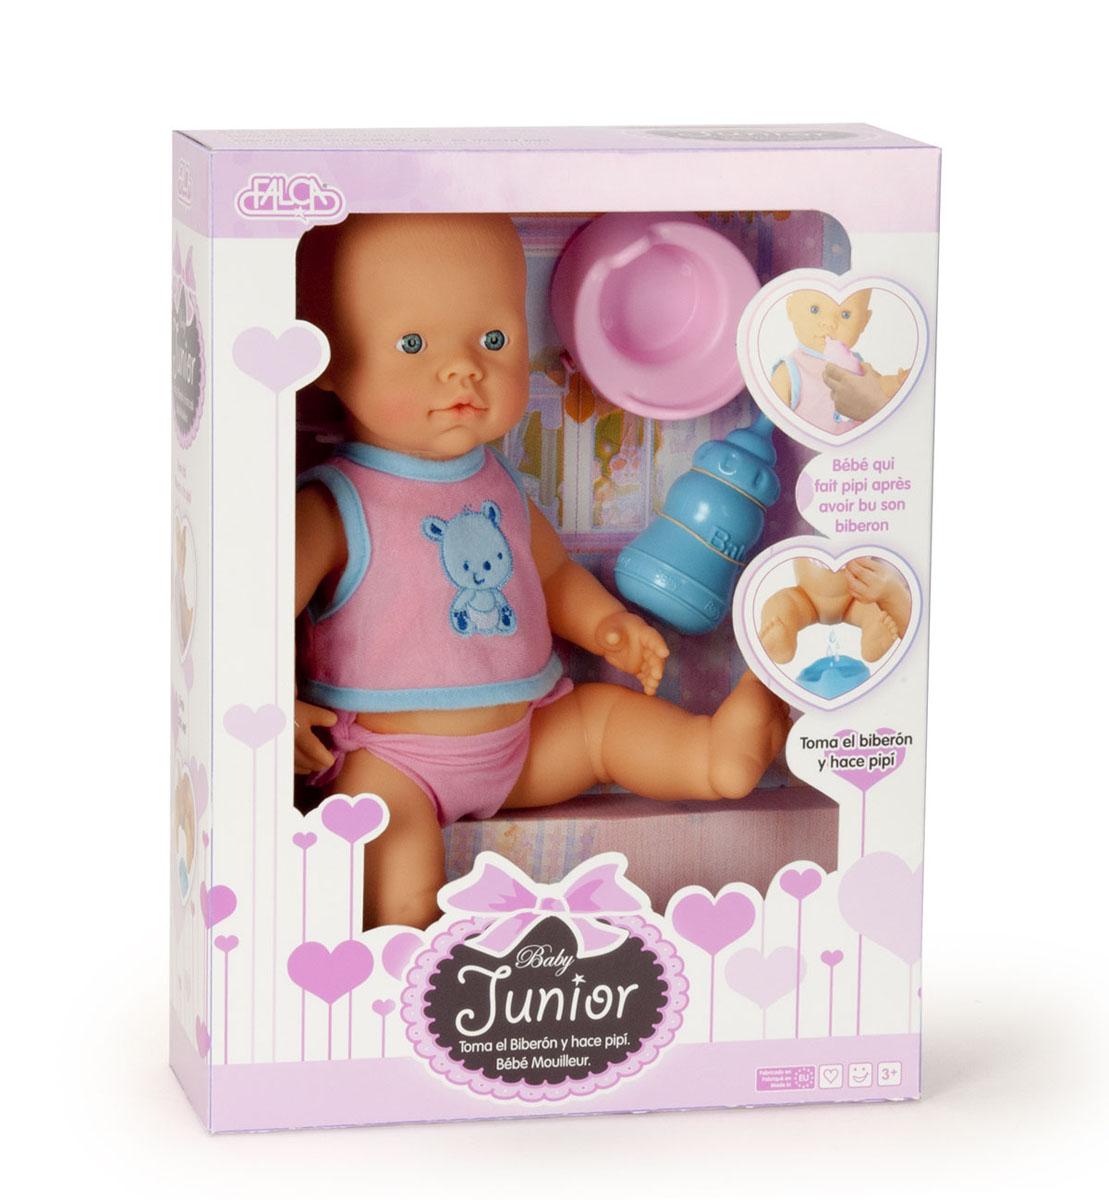 Кукла 40503 Пупс 40 см (пьет и писает), с аксессуарами, в коробке TM FALCA40503Игрушка пупс – кукла без волосиков, одета в розовый костюмчик. В наборе с куклой есть бутылочка для кормления. Пупс умеет пить водичку и писать. В наборе с пупсом есть горшок, на который можно сажать пупса, чтобы он пописал. Высота пупса 40 см